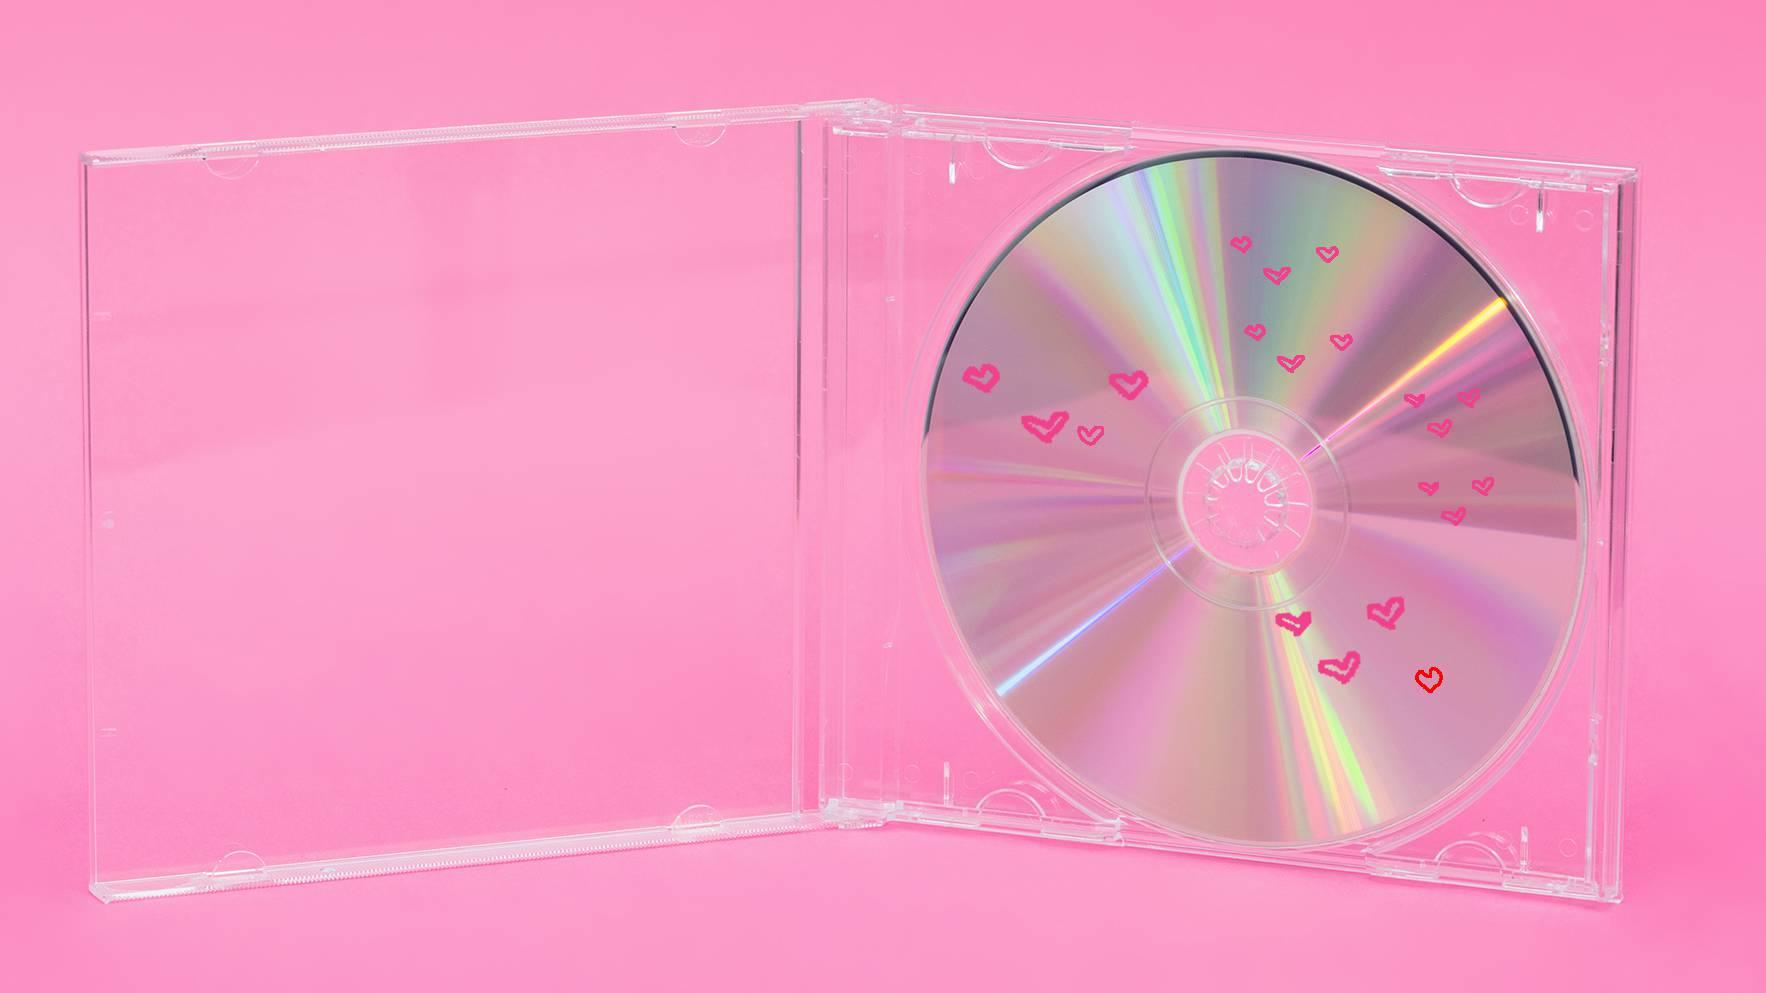 Brenne deinem Schatz eine persönliche CD!